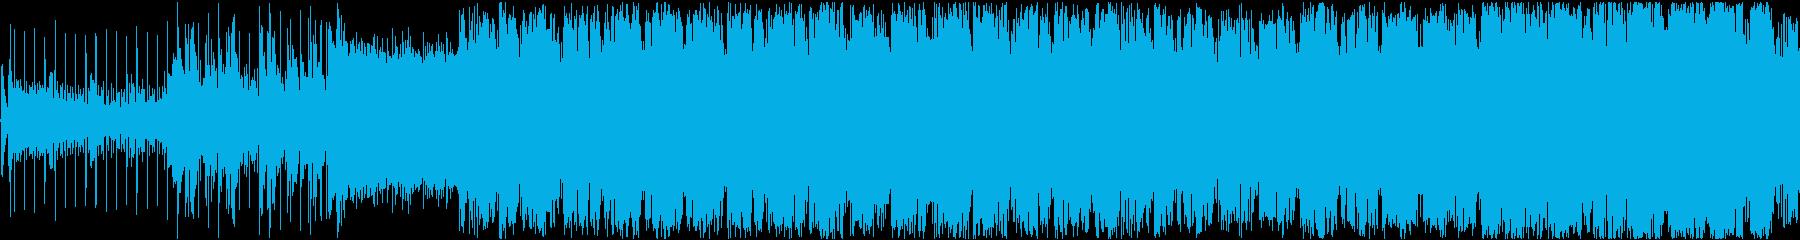 音ゲー風Drum'N'Bassの再生済みの波形